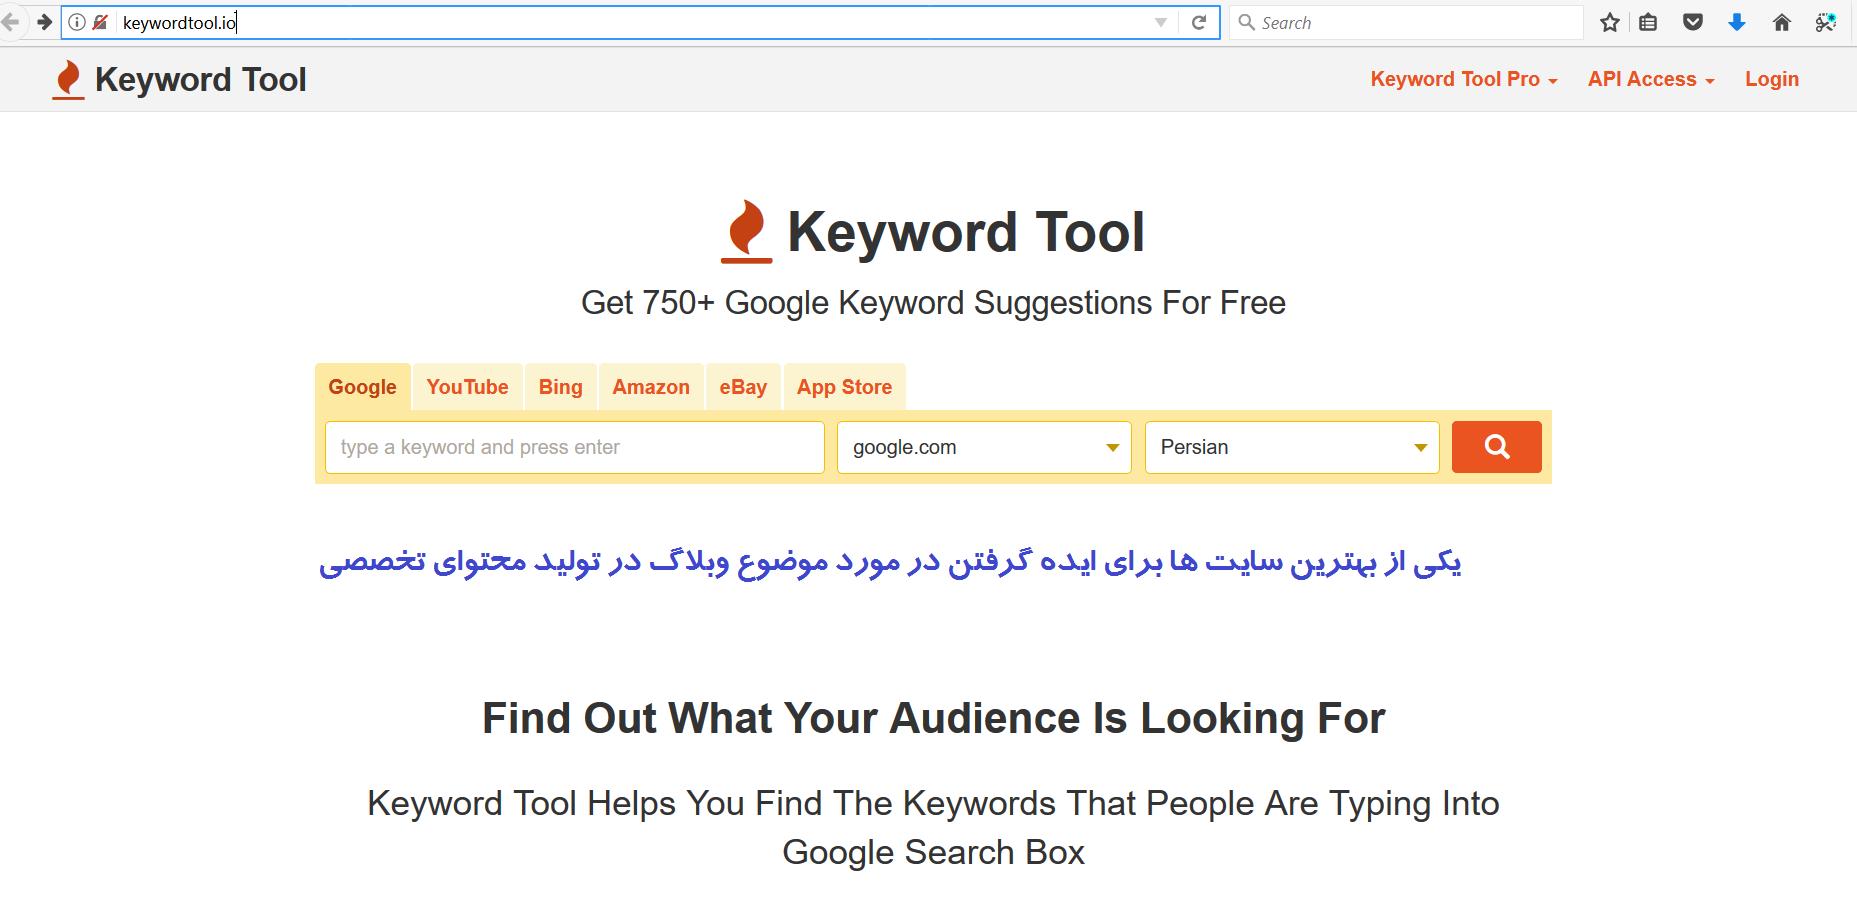 سایت KeywordTool.io مناسب برای پیدا کردن کلمات کلیدی مشابه و پر جستجو در تولید محتوای سایت